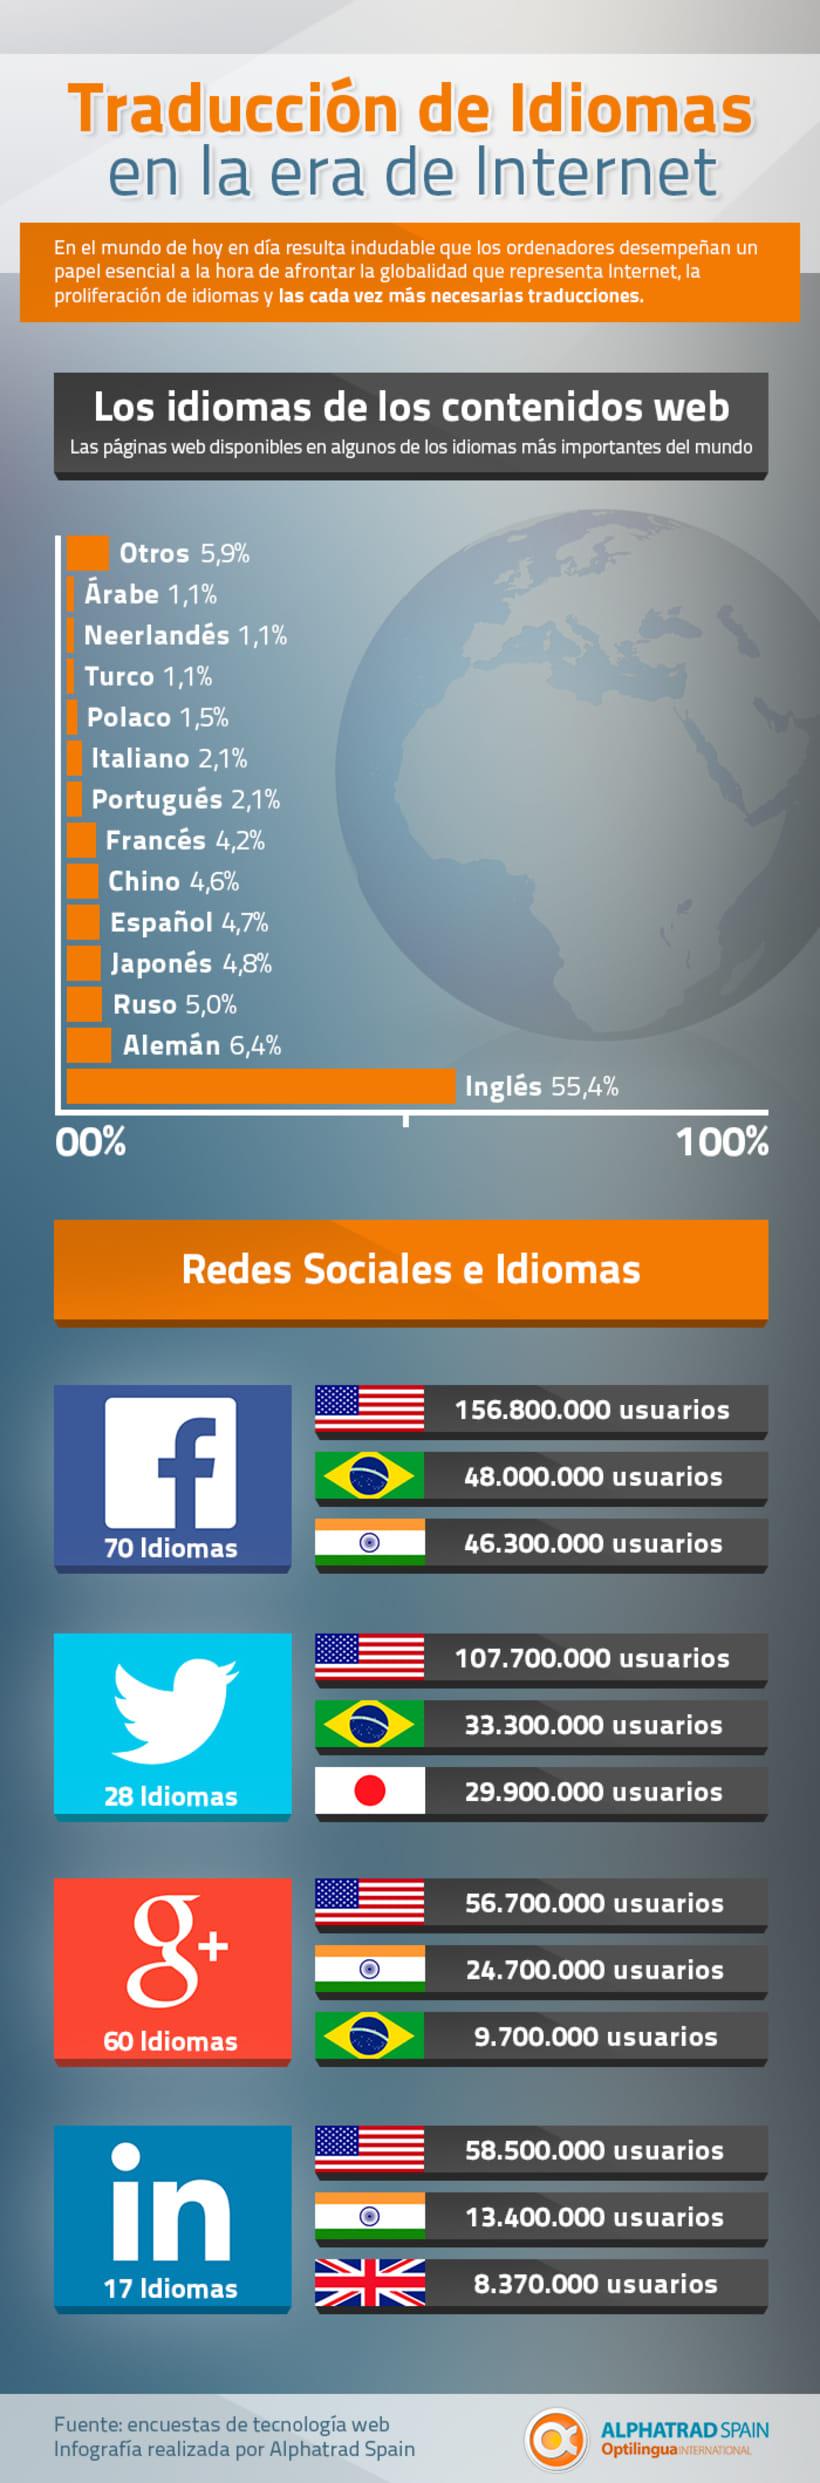 Traducción de Idiomas en la era de Internet - #infografía_alphatrad 0